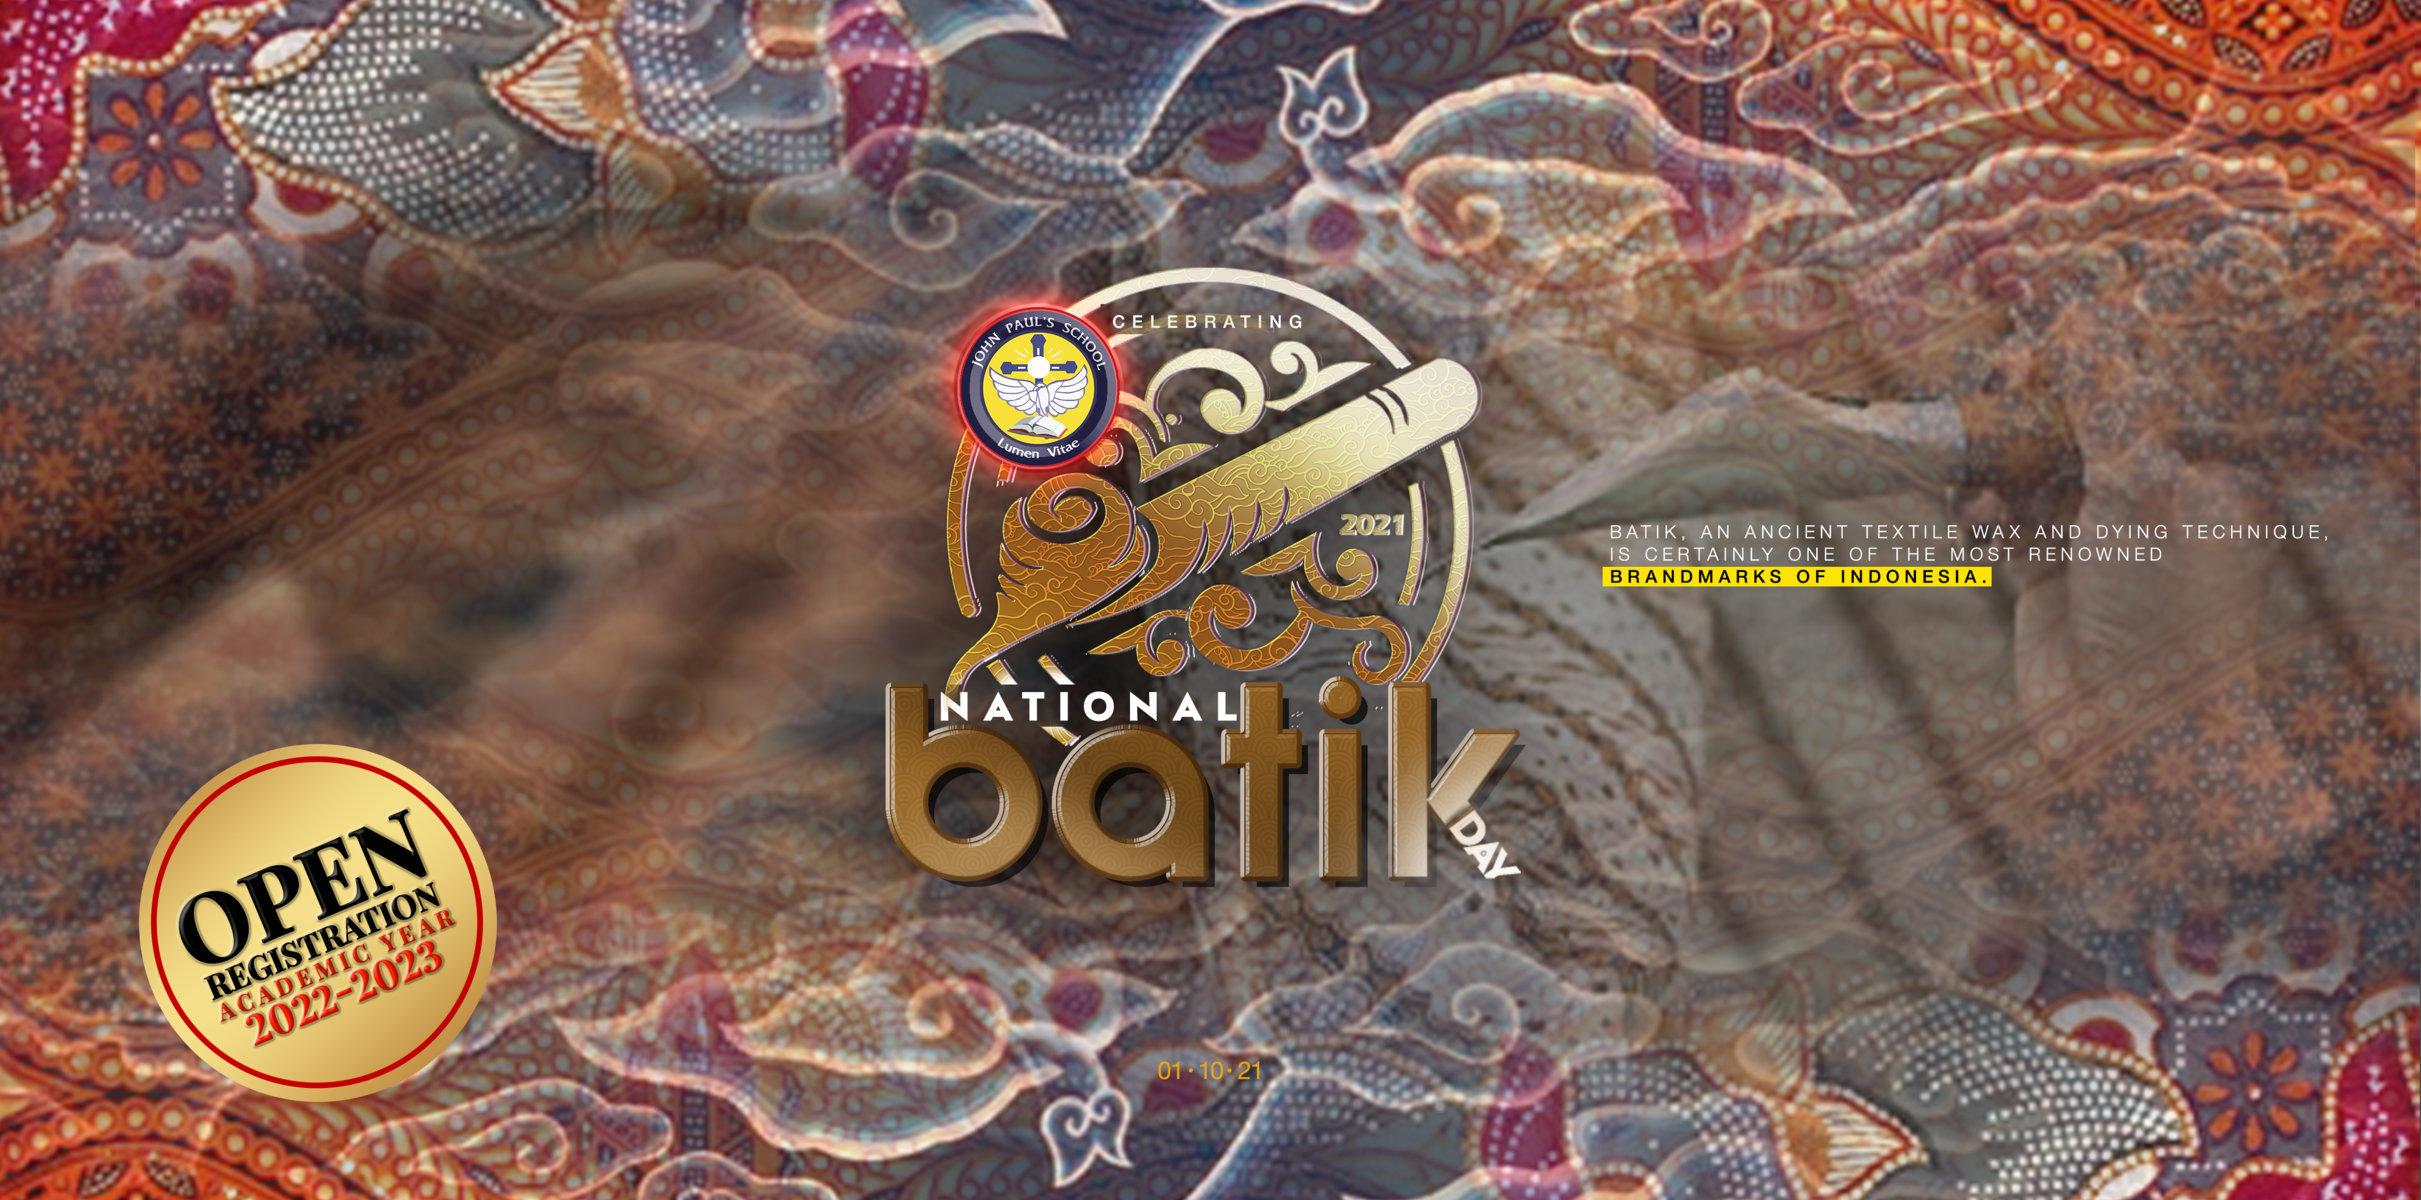 Hari Batik Nasional 2021 (FILEminimizer)